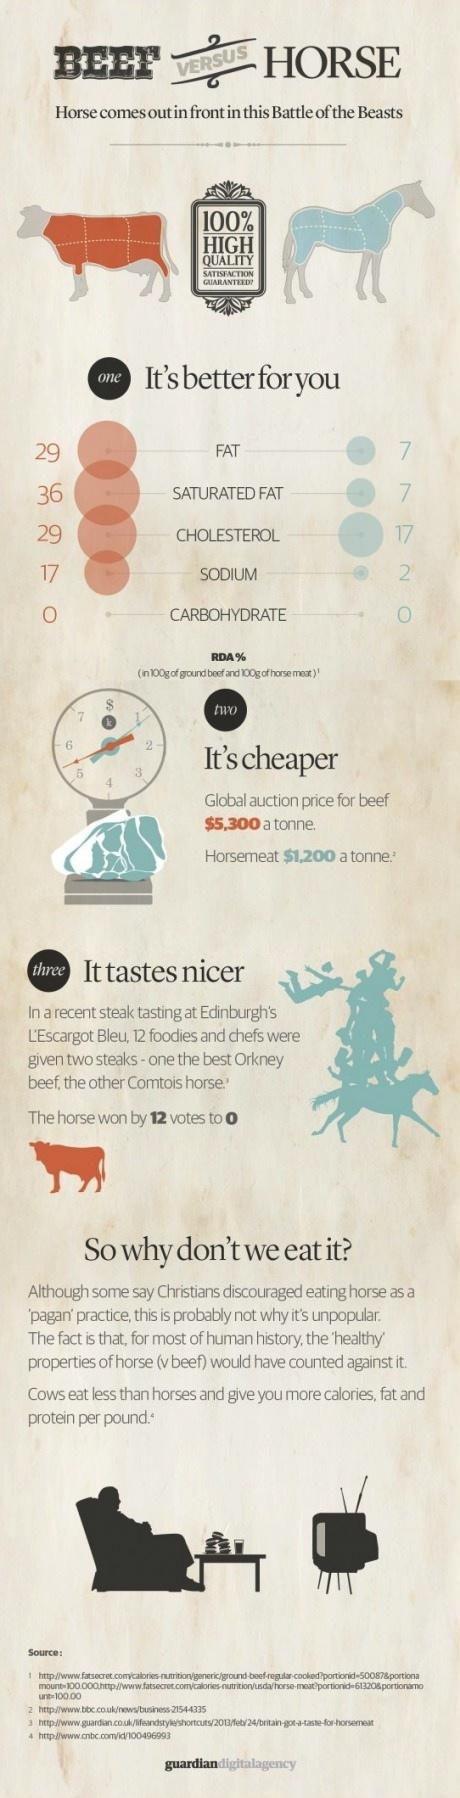 horse, cow, meat, versus